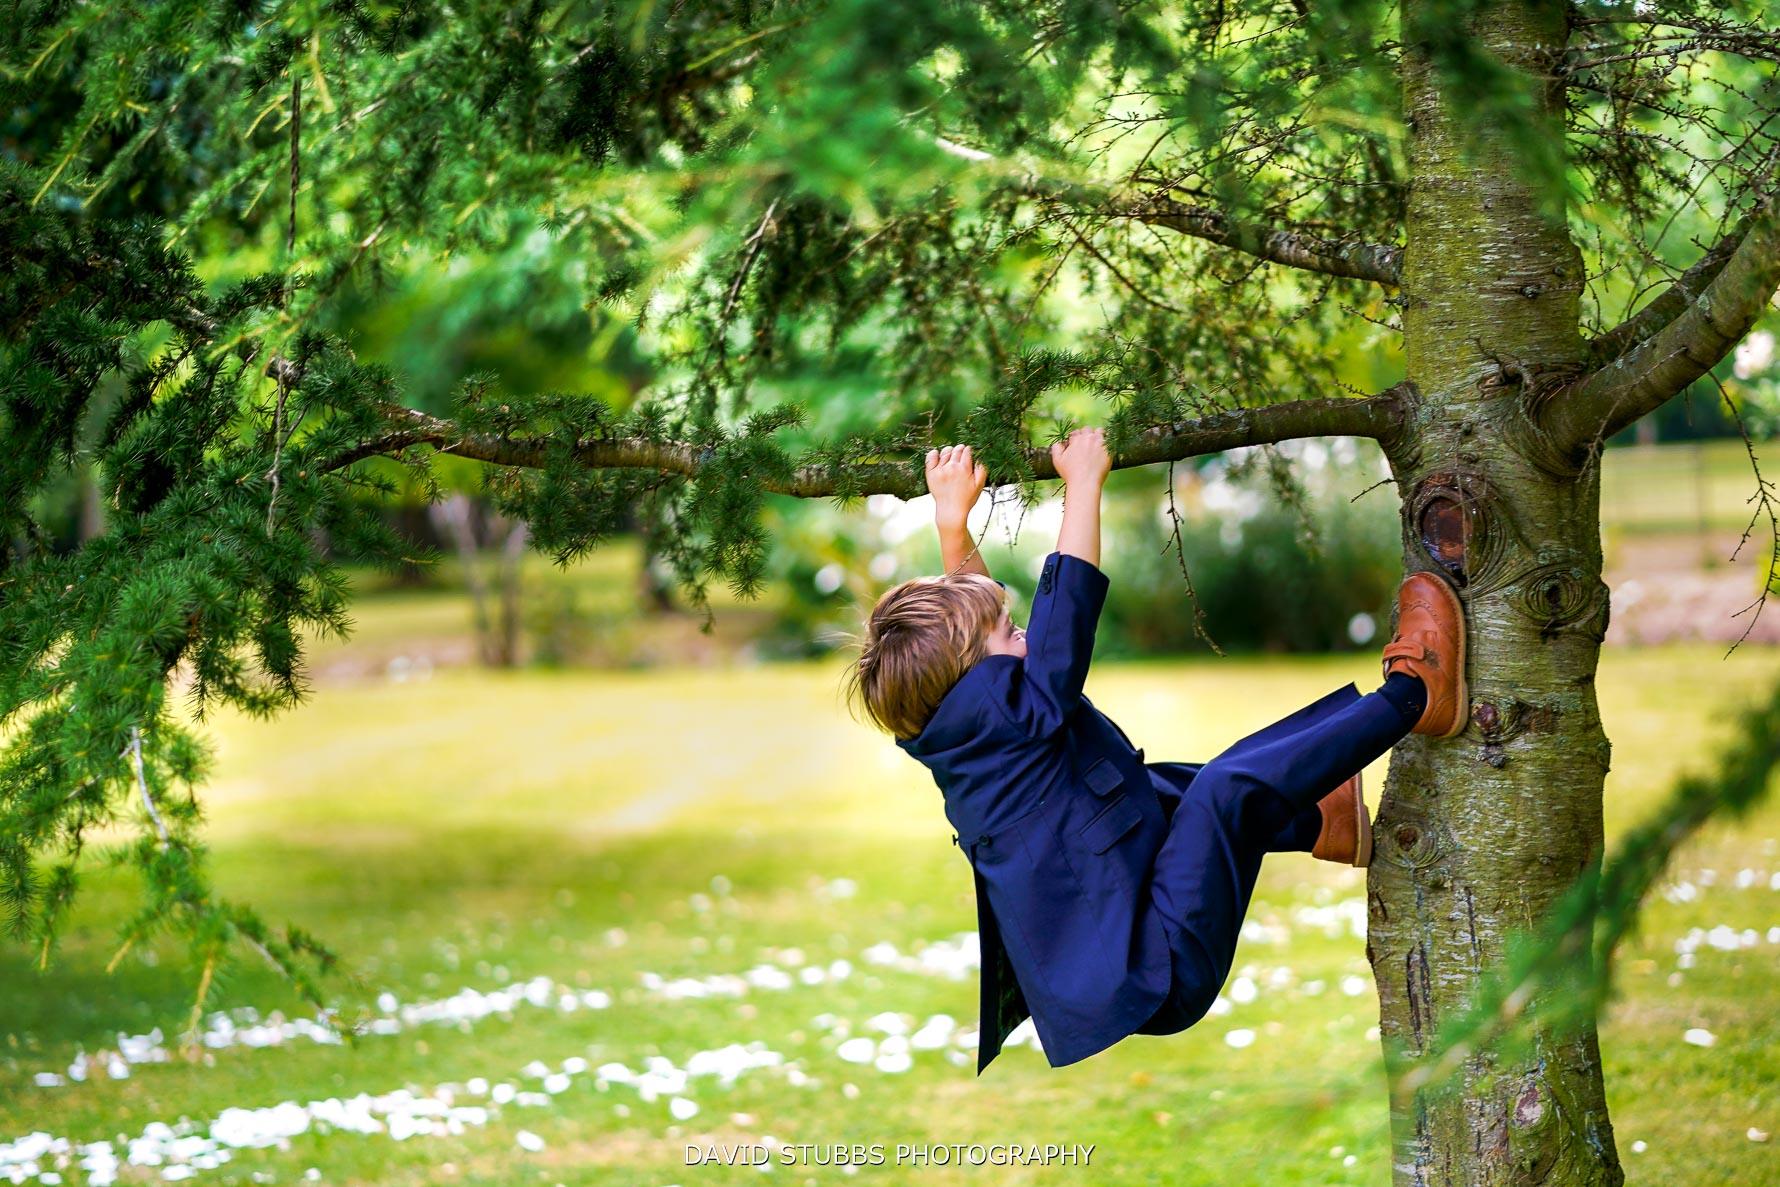 climbing trees in the garden